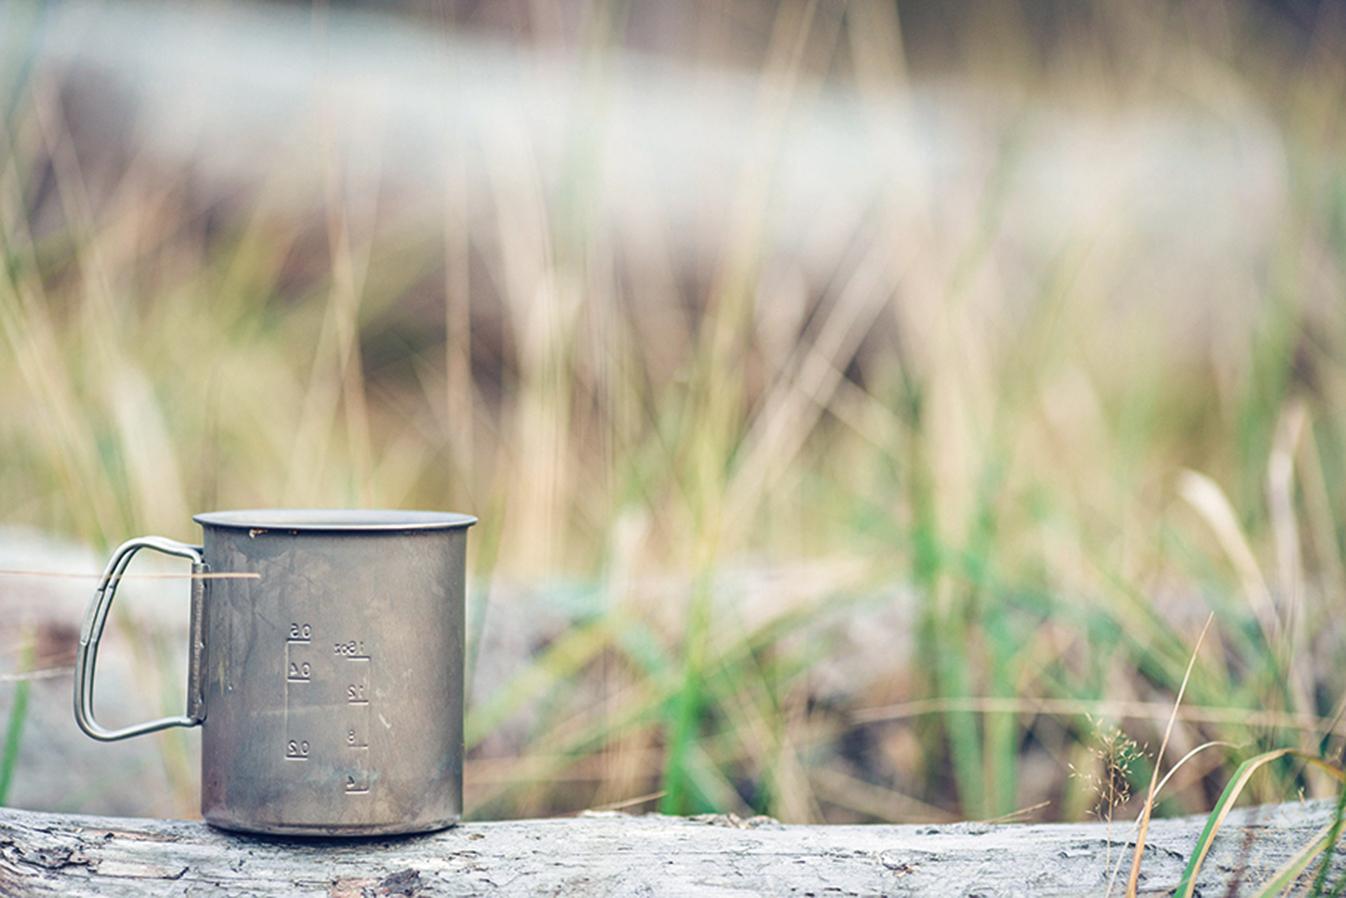 不愧是精品咖啡,味道完全沒有被蓋過去,巧妙地和煉奶融合在一起。